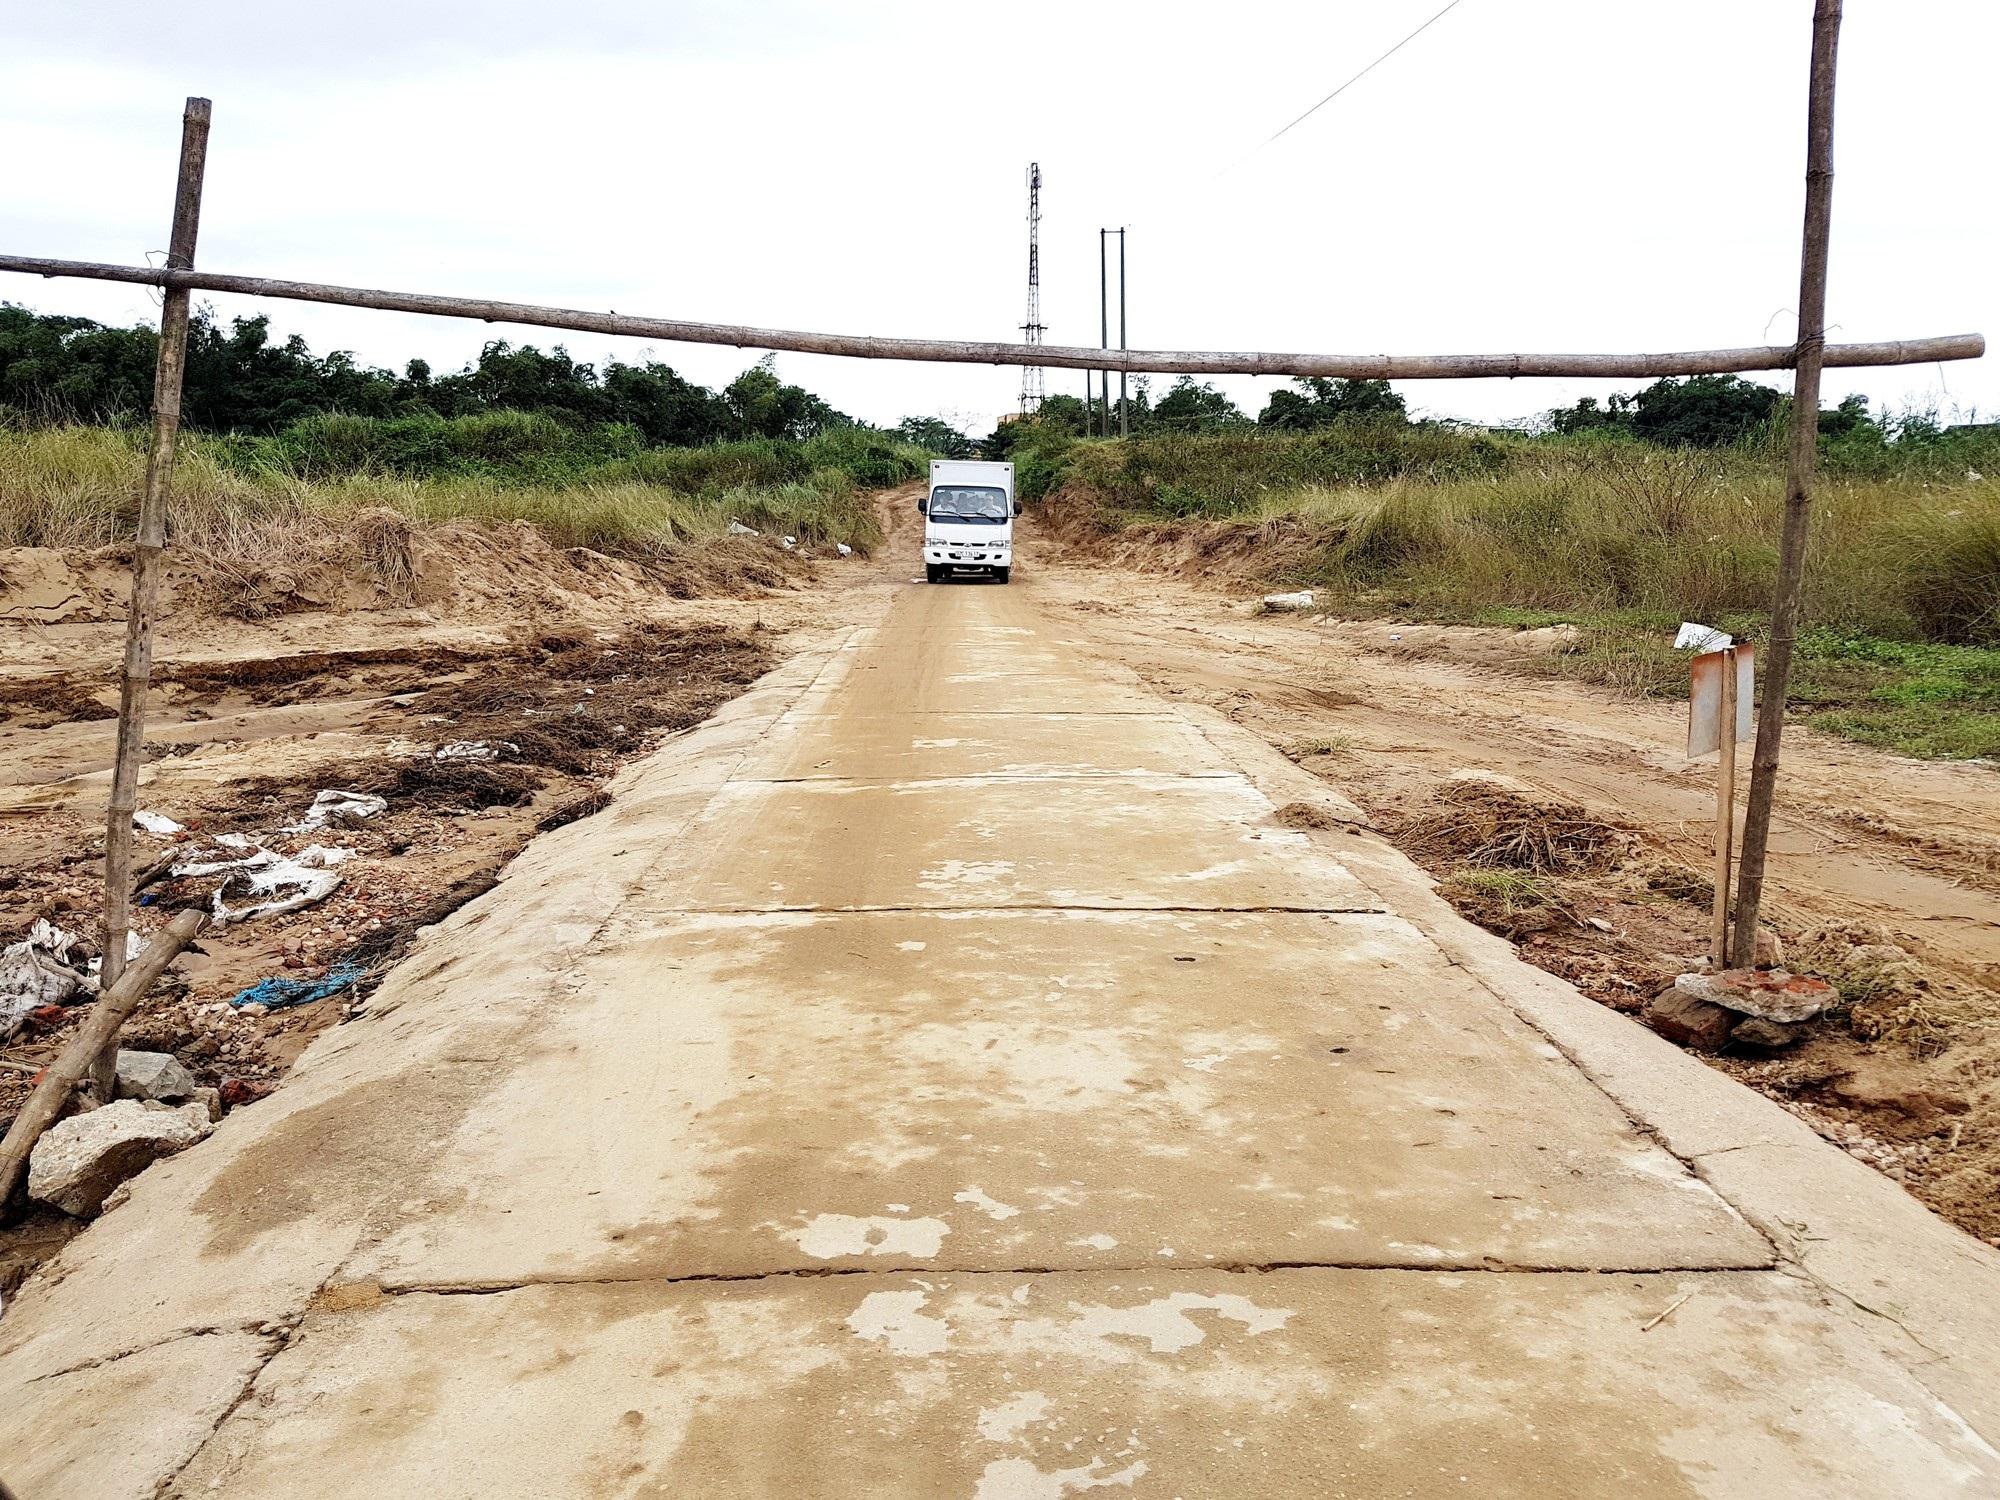 Gần 300 hộ dân giữa sông Thu Bồn chờ một cây cầu - Ảnh 1.